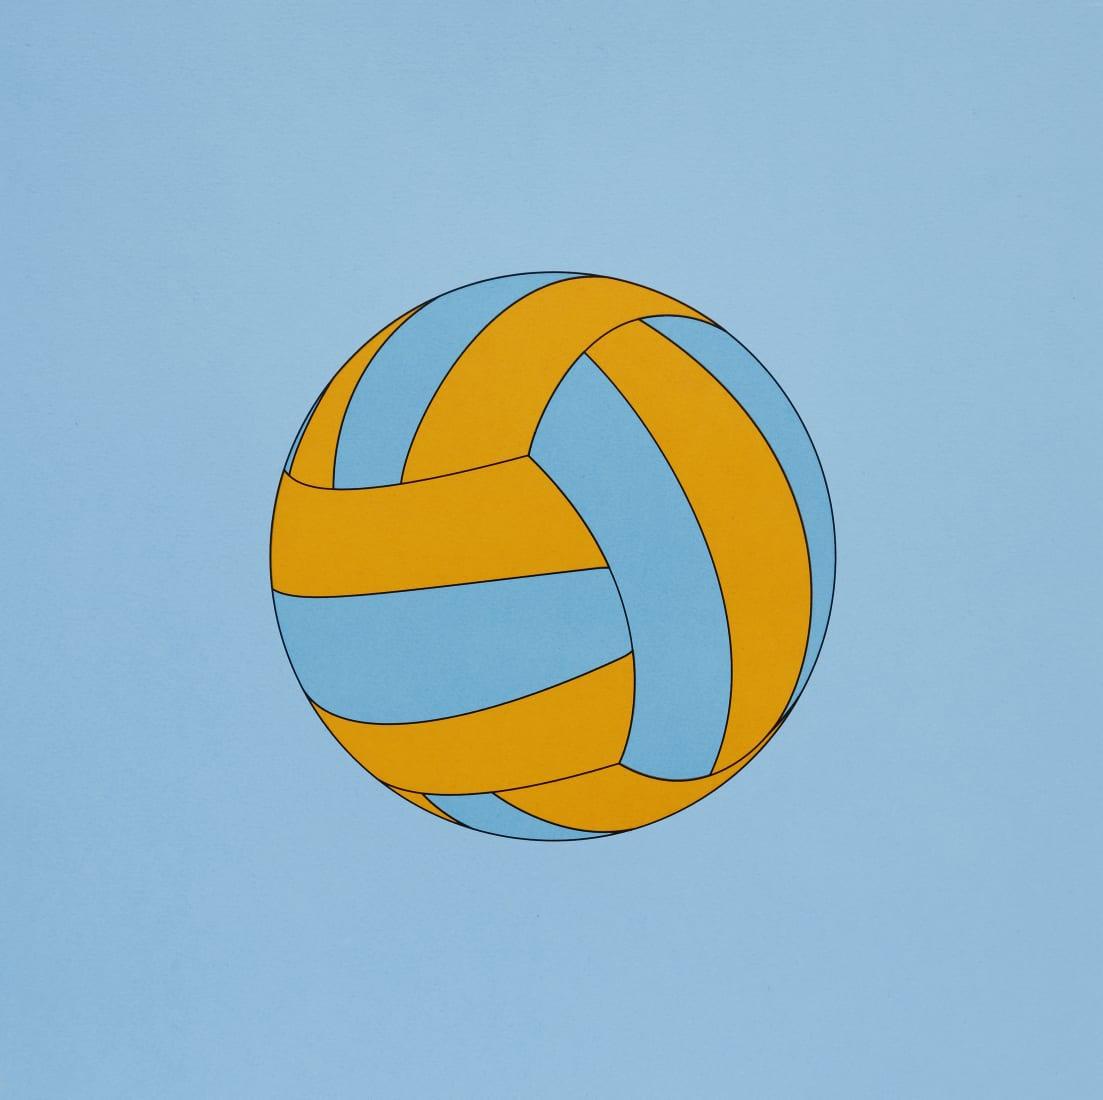 """<span class=""""artist""""><strong>Michael Craig-Martin</strong></span>, <span class=""""title""""><em>Volleyball</em>, 2019</span>"""